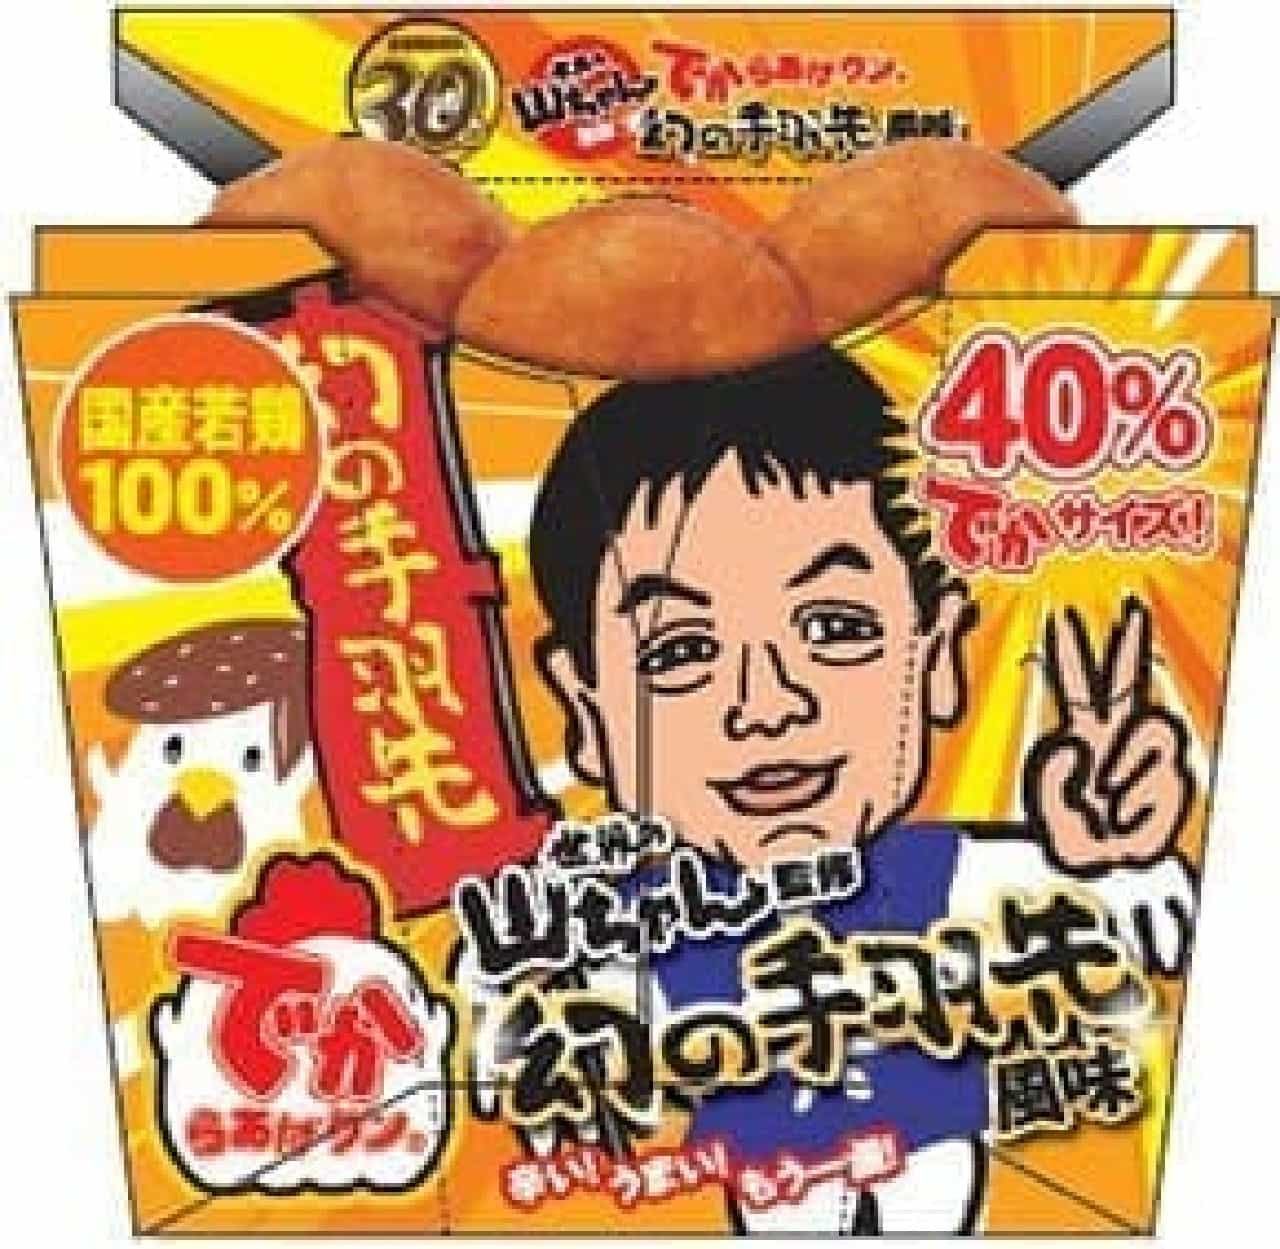 圧倒的人気No.1の味が復活!